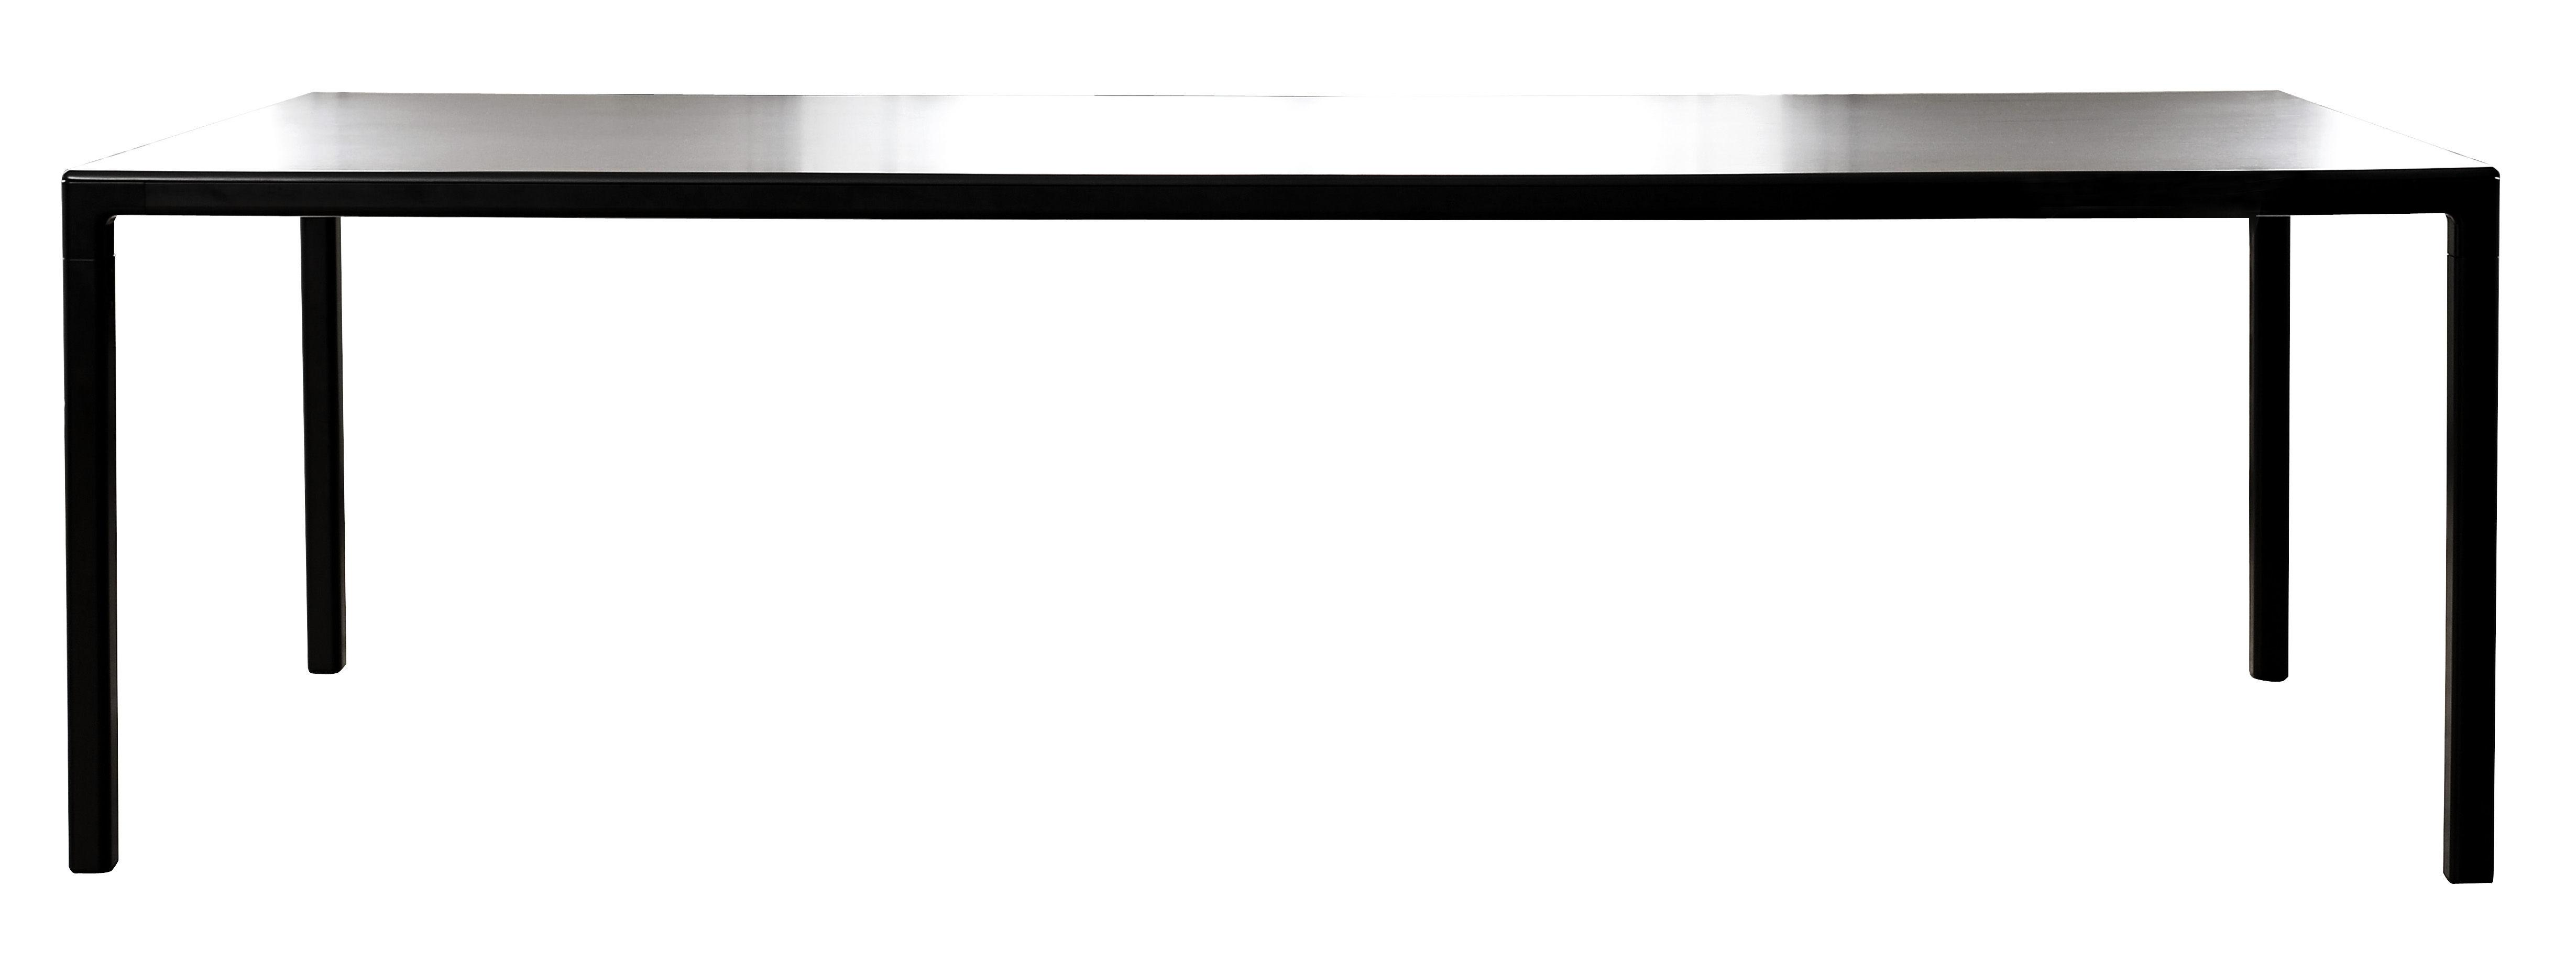 Furniture - Dining Tables - T12 Rectangular table - Rectangular - 160 x 80 cm by Hay - Black - 160 x 80 cm - Linoleum, Painted aluminium